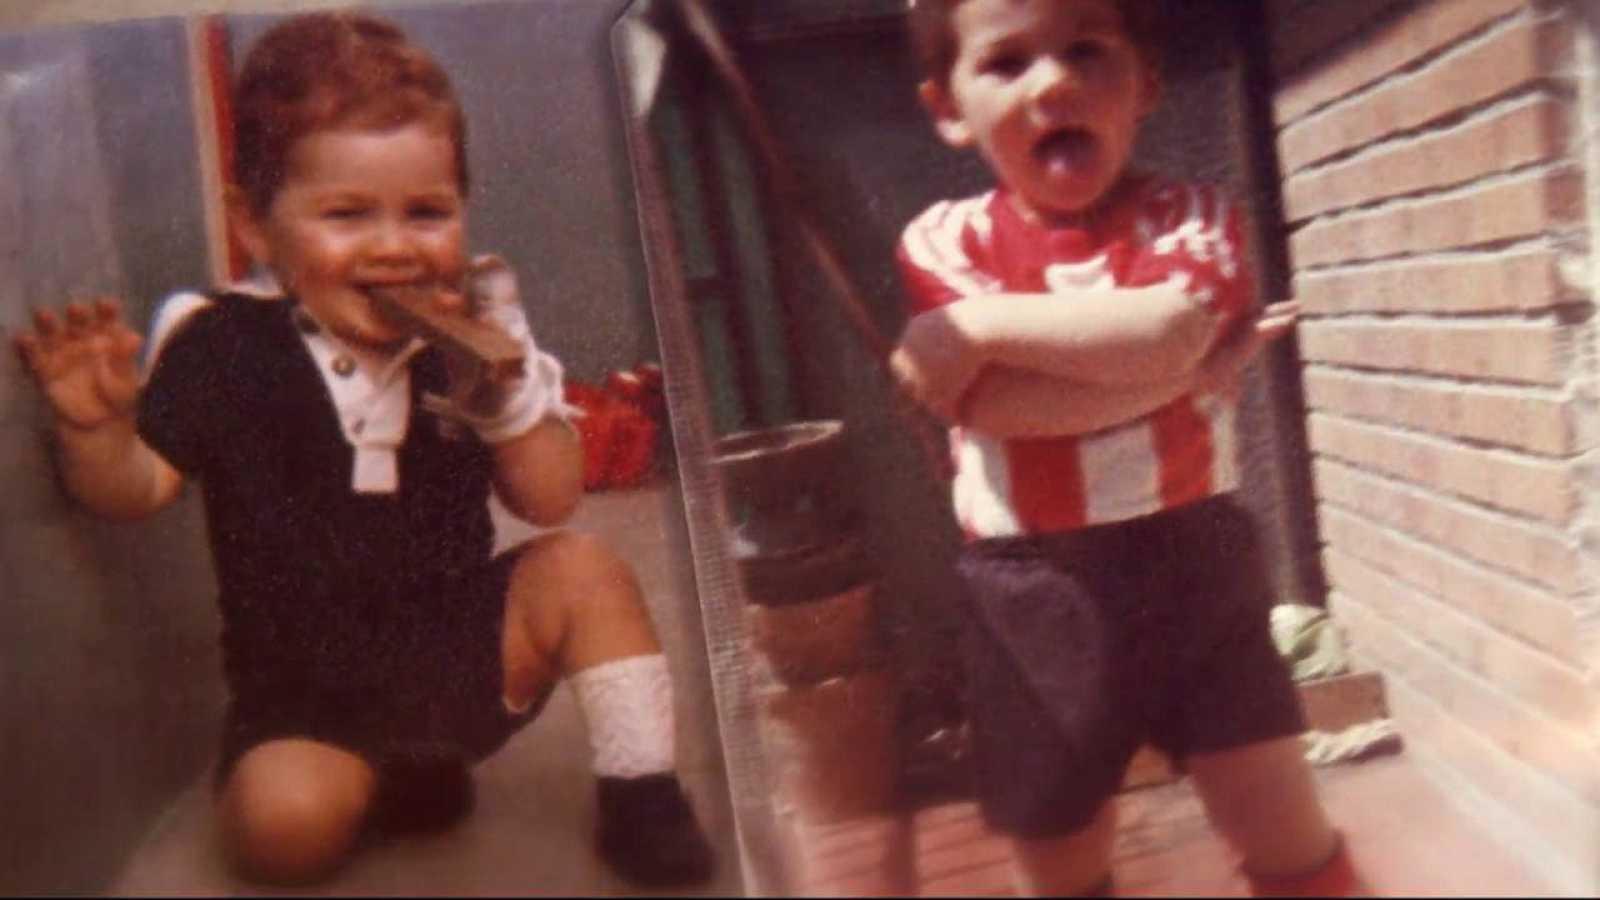 Fotos de Casillas de niño